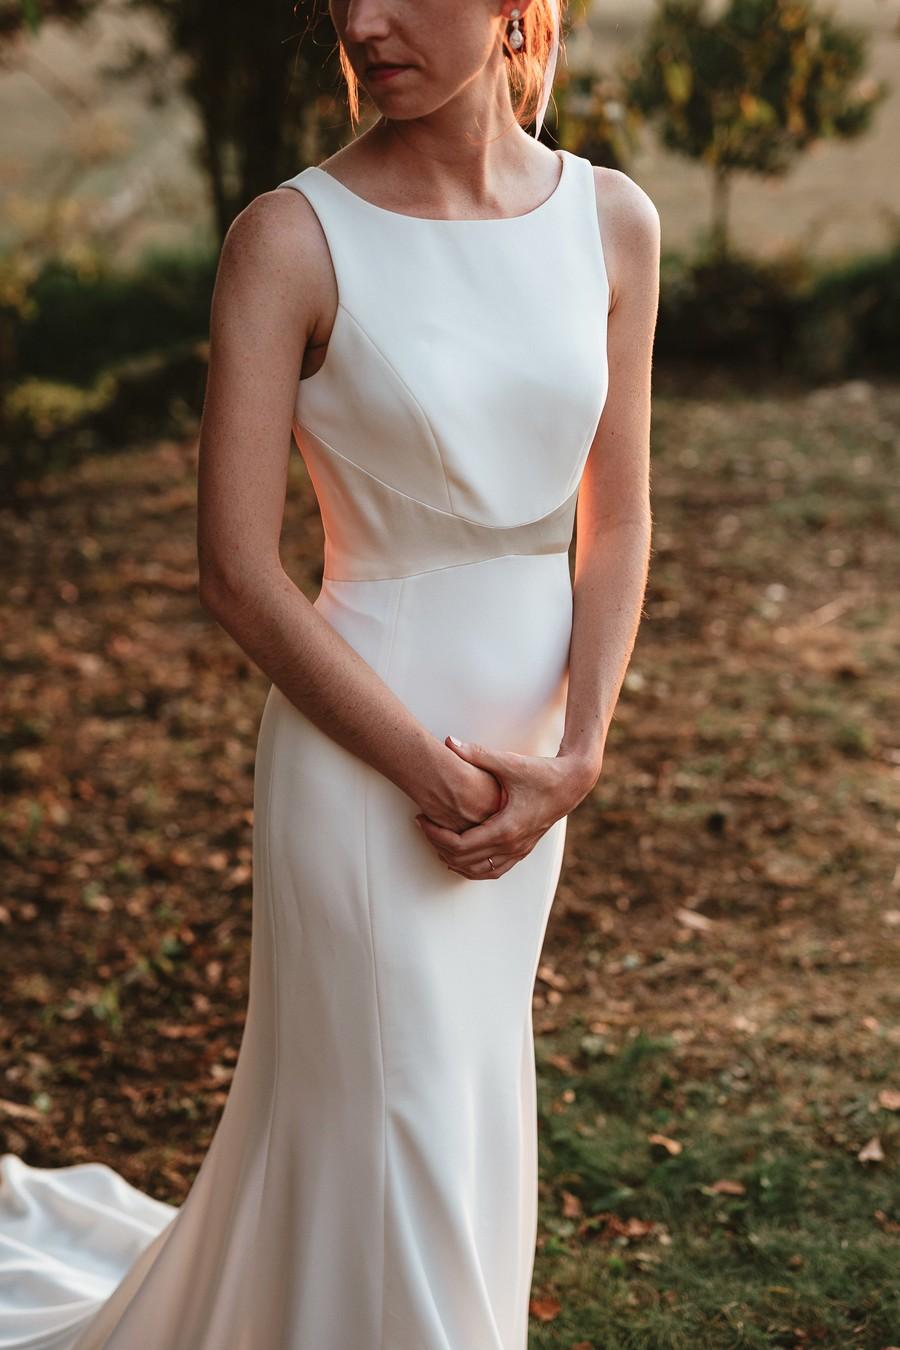 robe mariée mains croisées pose mariage séance photo